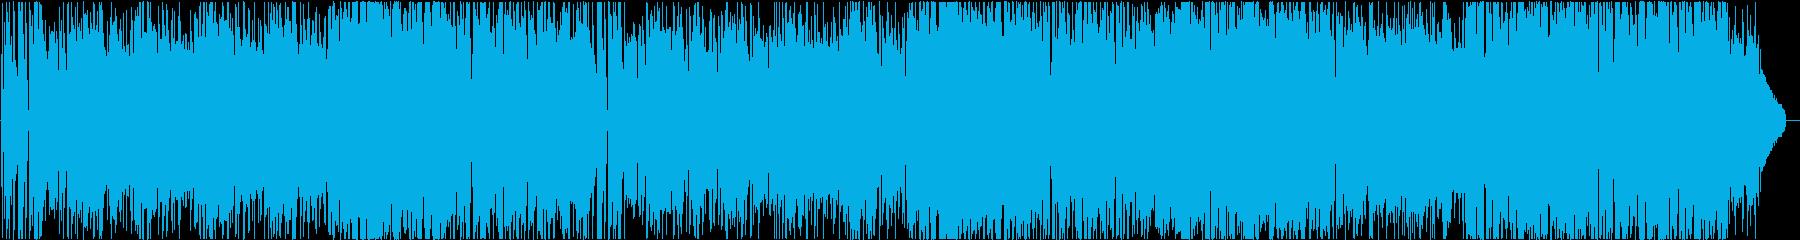 明るいシンセサウンドのポップスの再生済みの波形